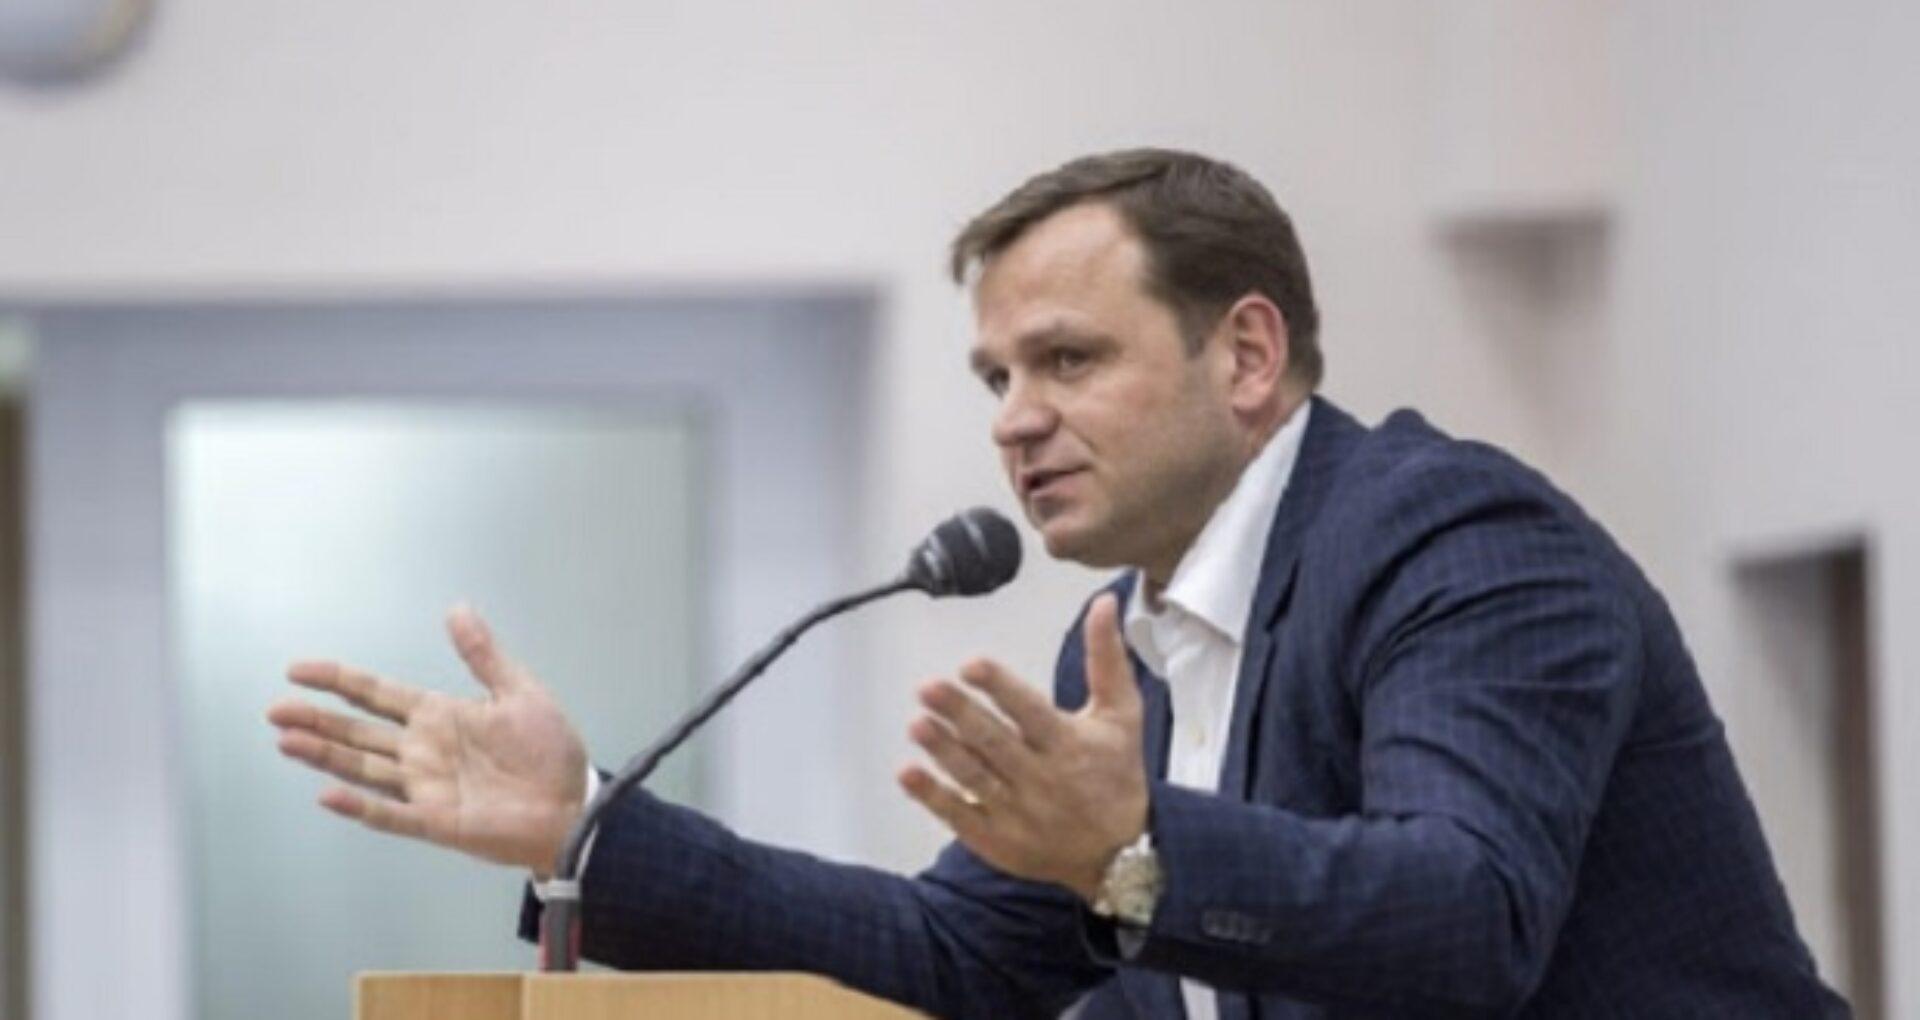 VIDEO/ Platforma DA a depus un denunţ la Procuratura Generală împotriva lui Igor Dodon